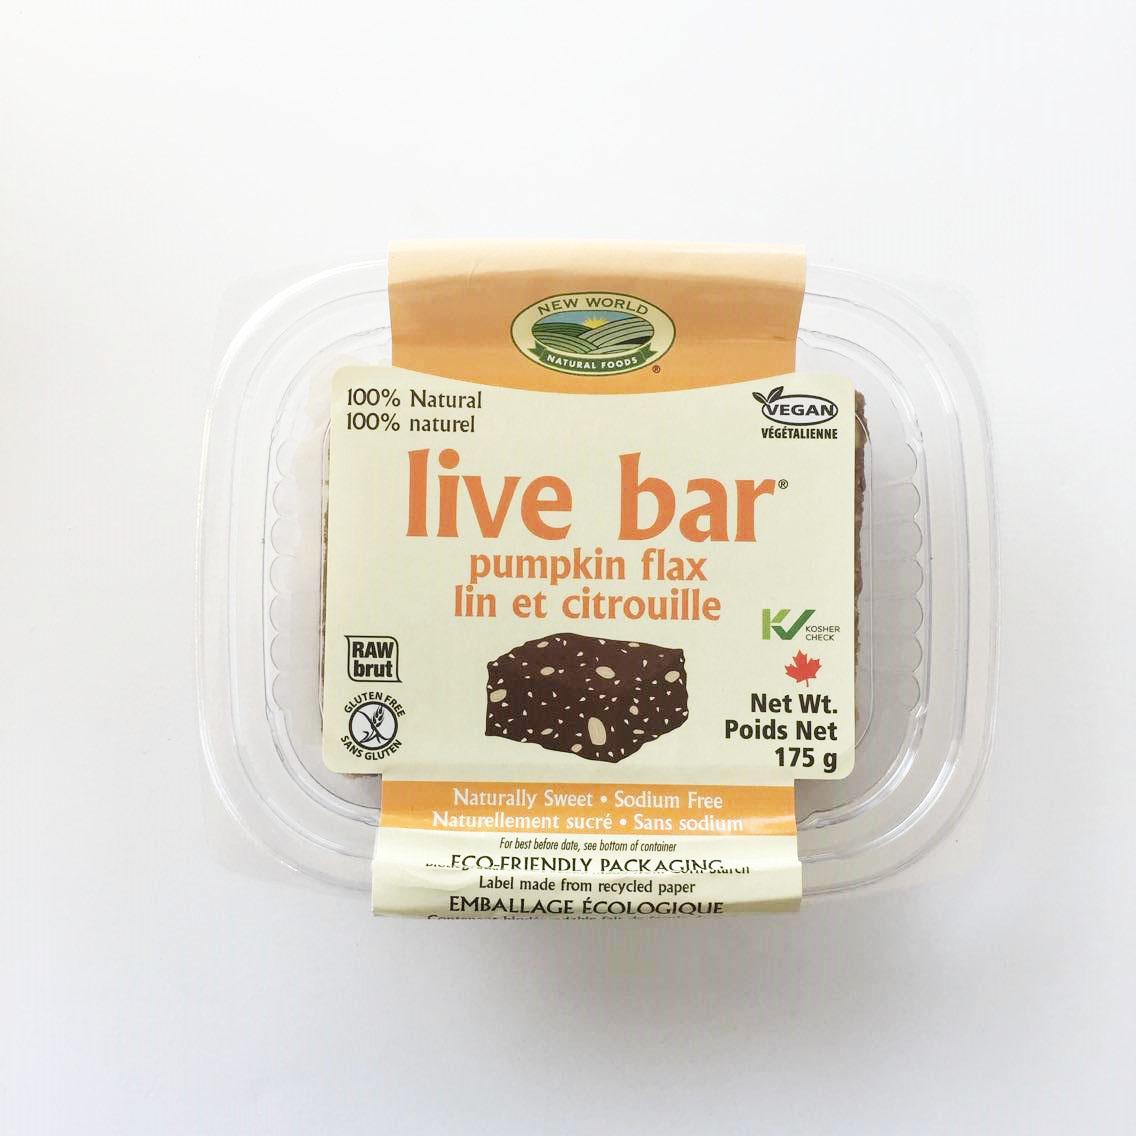 Pumpkin flax raw live bar